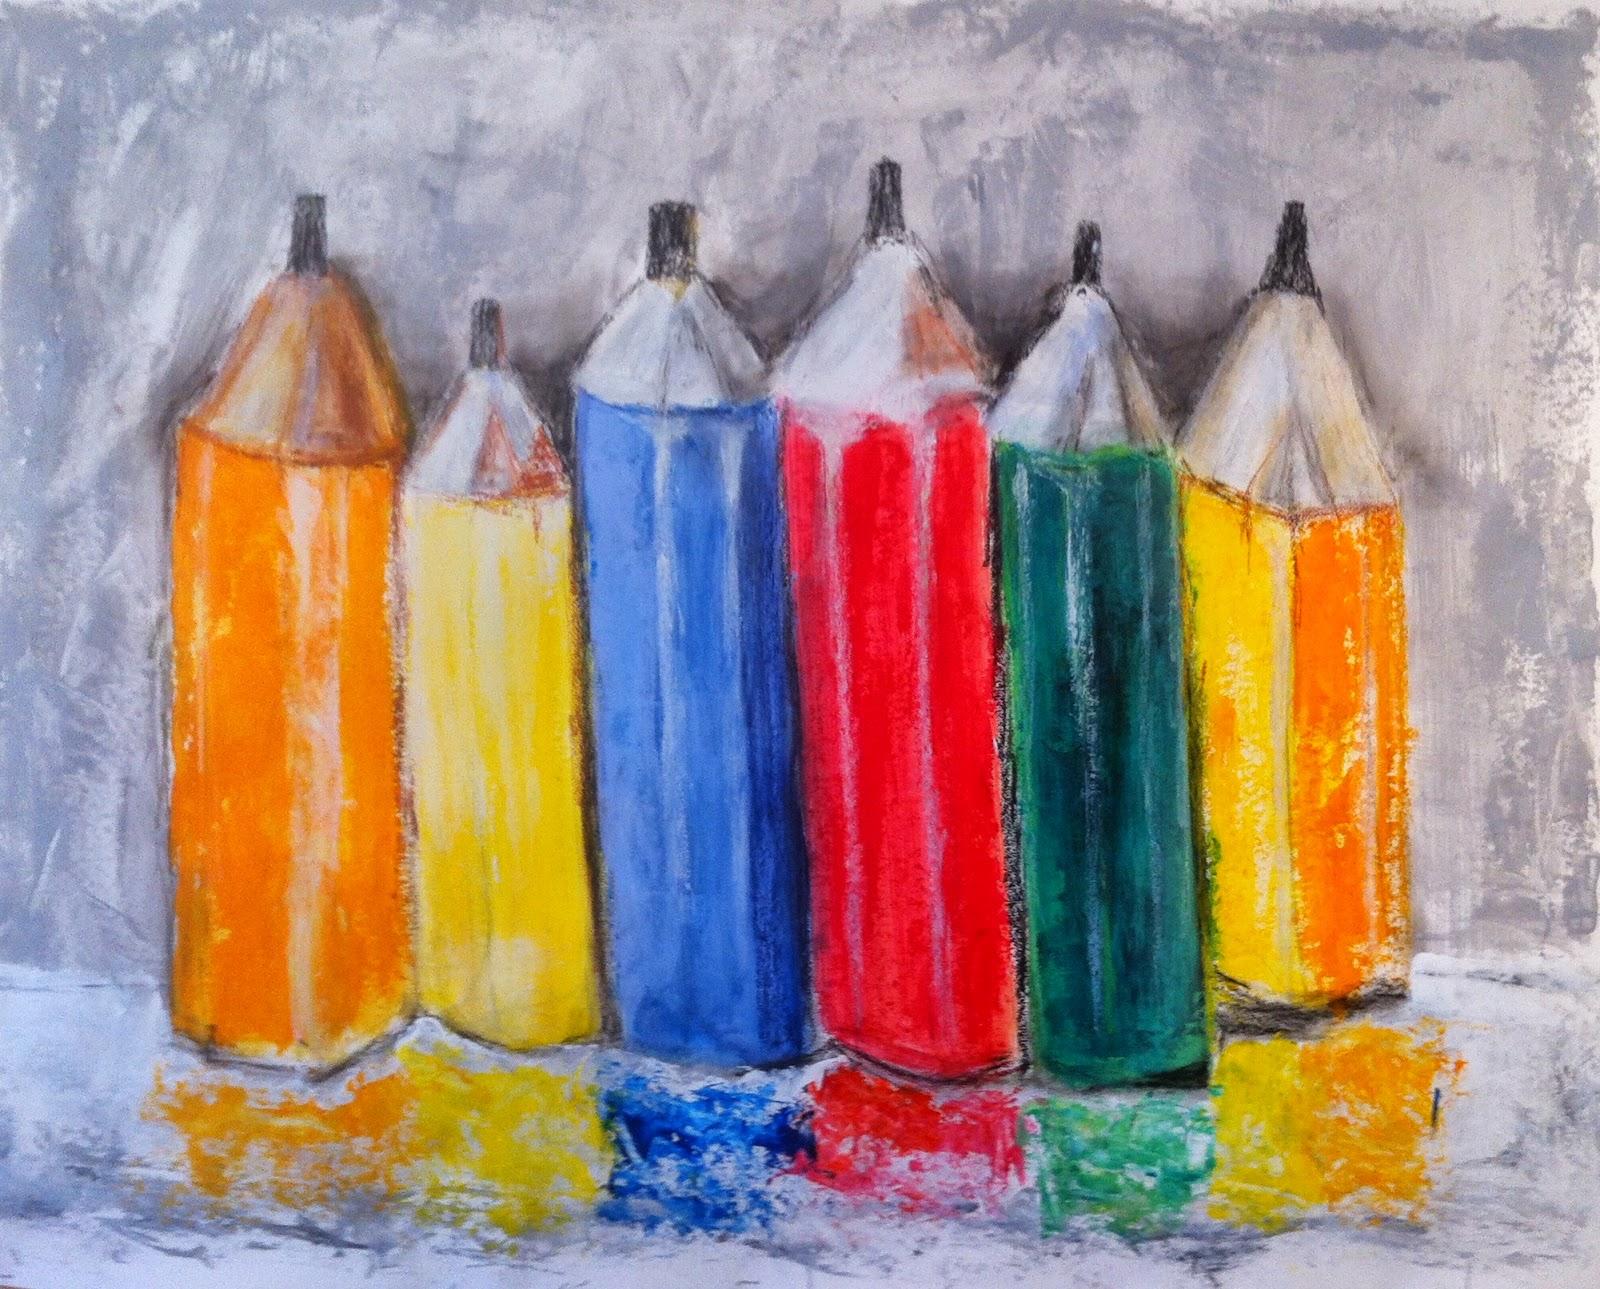 N°149 - Nature morte aux crayons de couleur - Acrylique et pastel sur papier - 95 x 123 cm - 10 juillet 2014